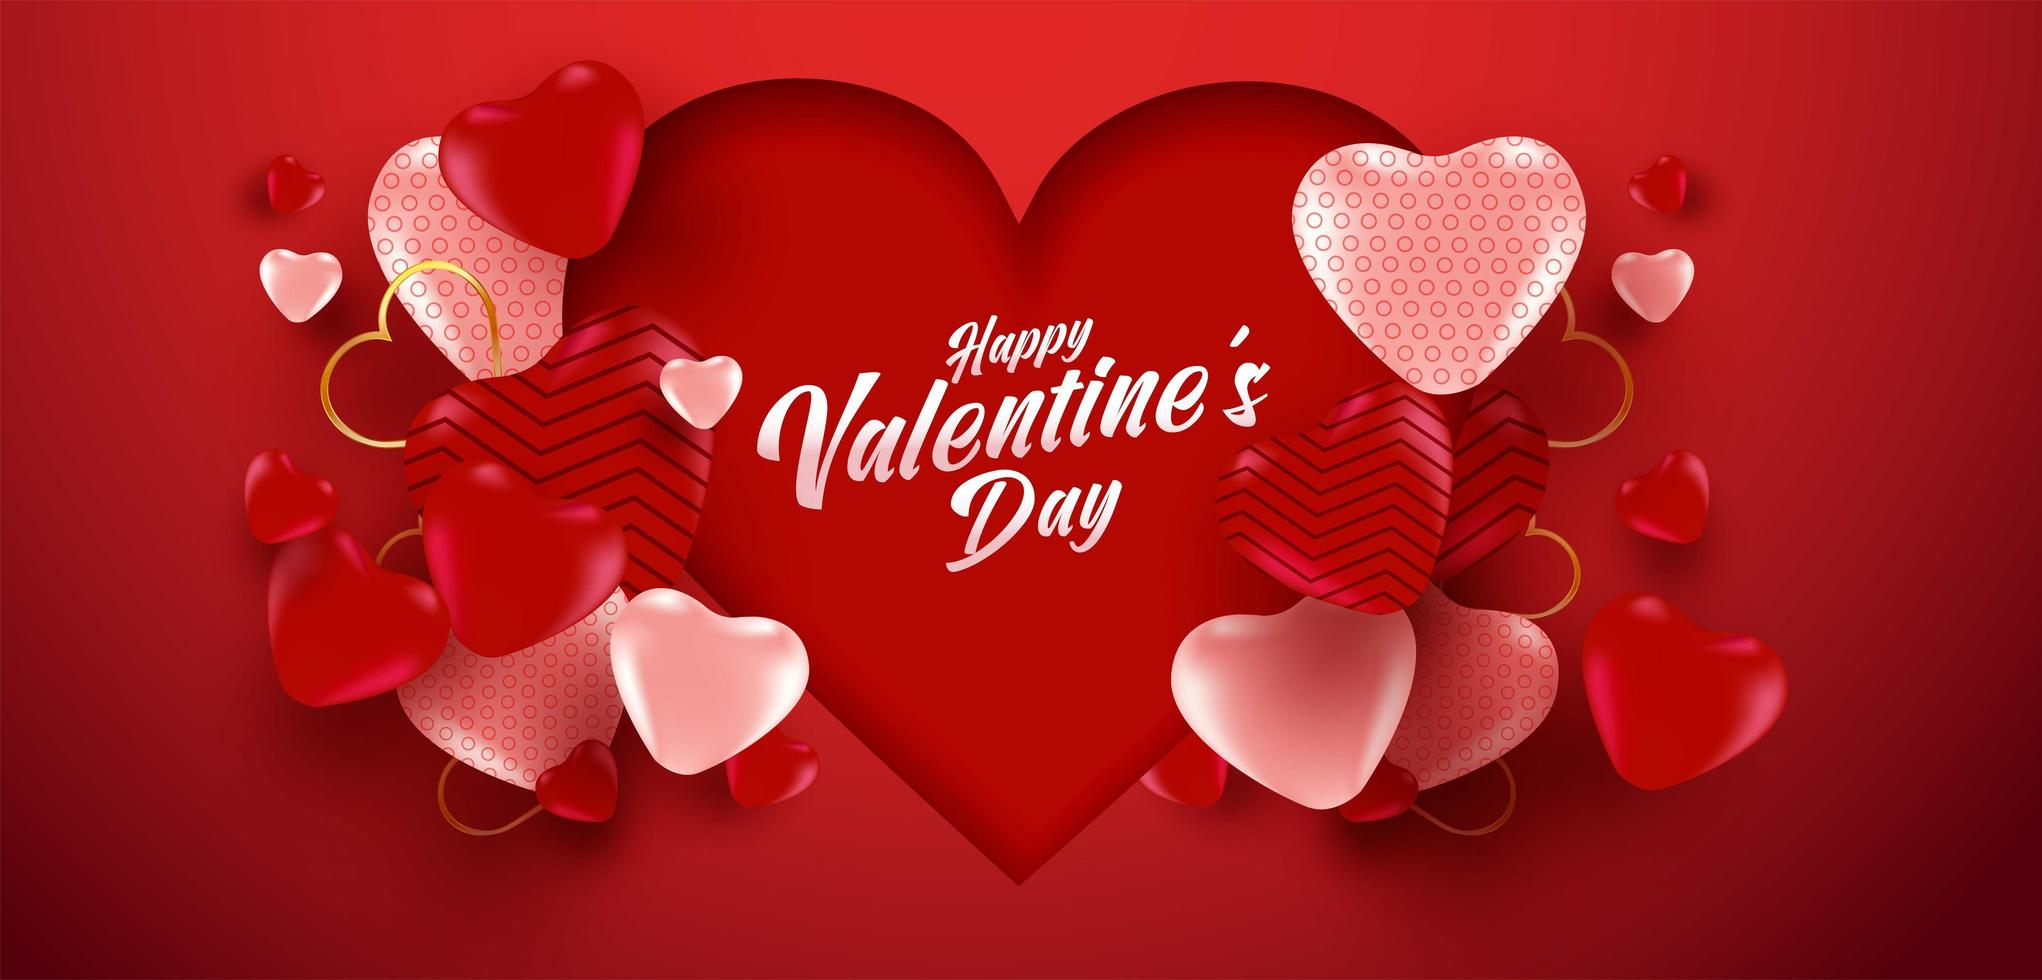 poster o banner di vendita di San Valentino con molti cuori dolci e su sfondo di colore rosso. modello di promozione e shopping per amore e San Valentino. vettore